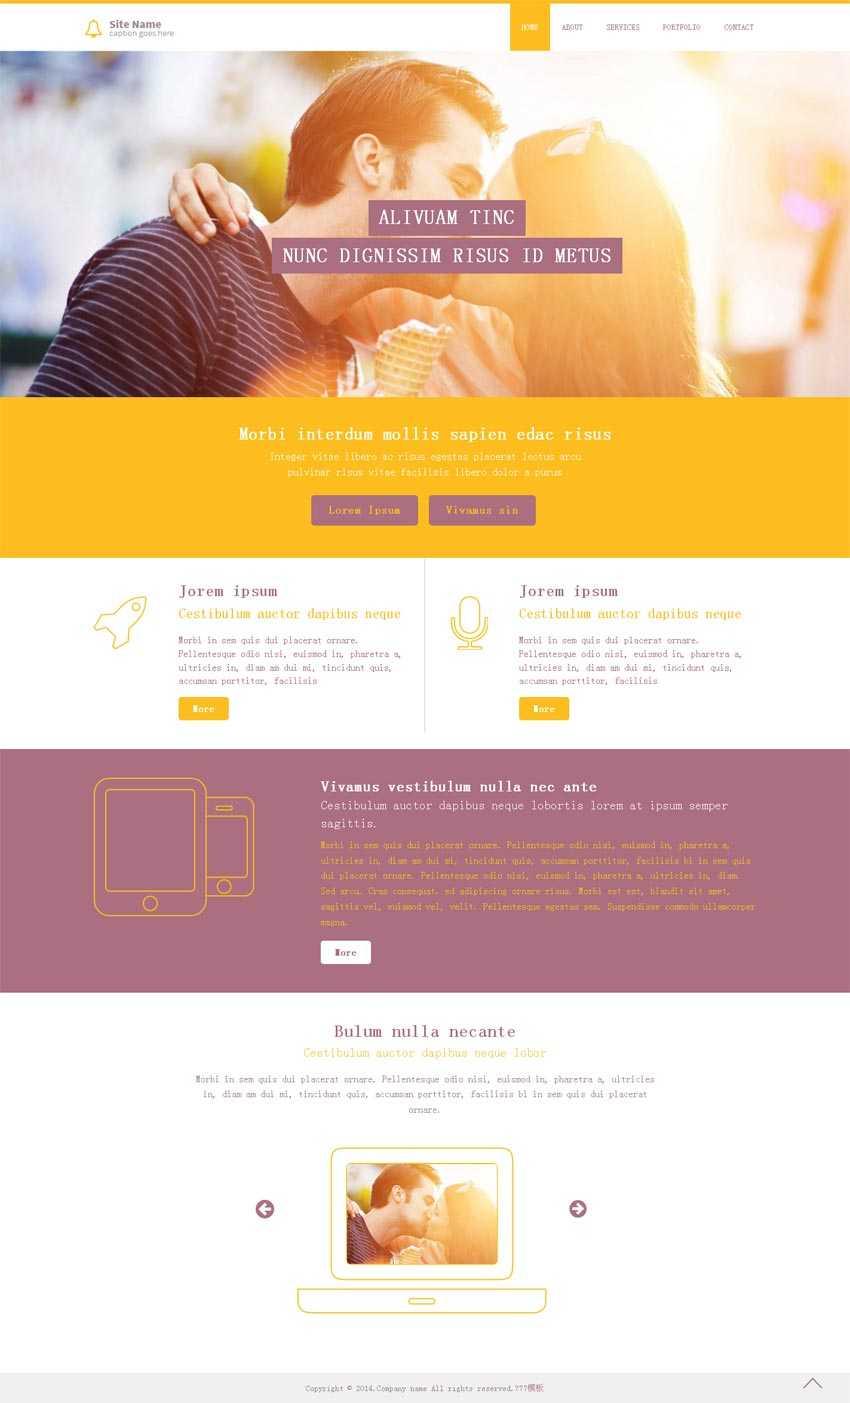 黄色唯美的婚庆公司响应式网站模板HTML下载